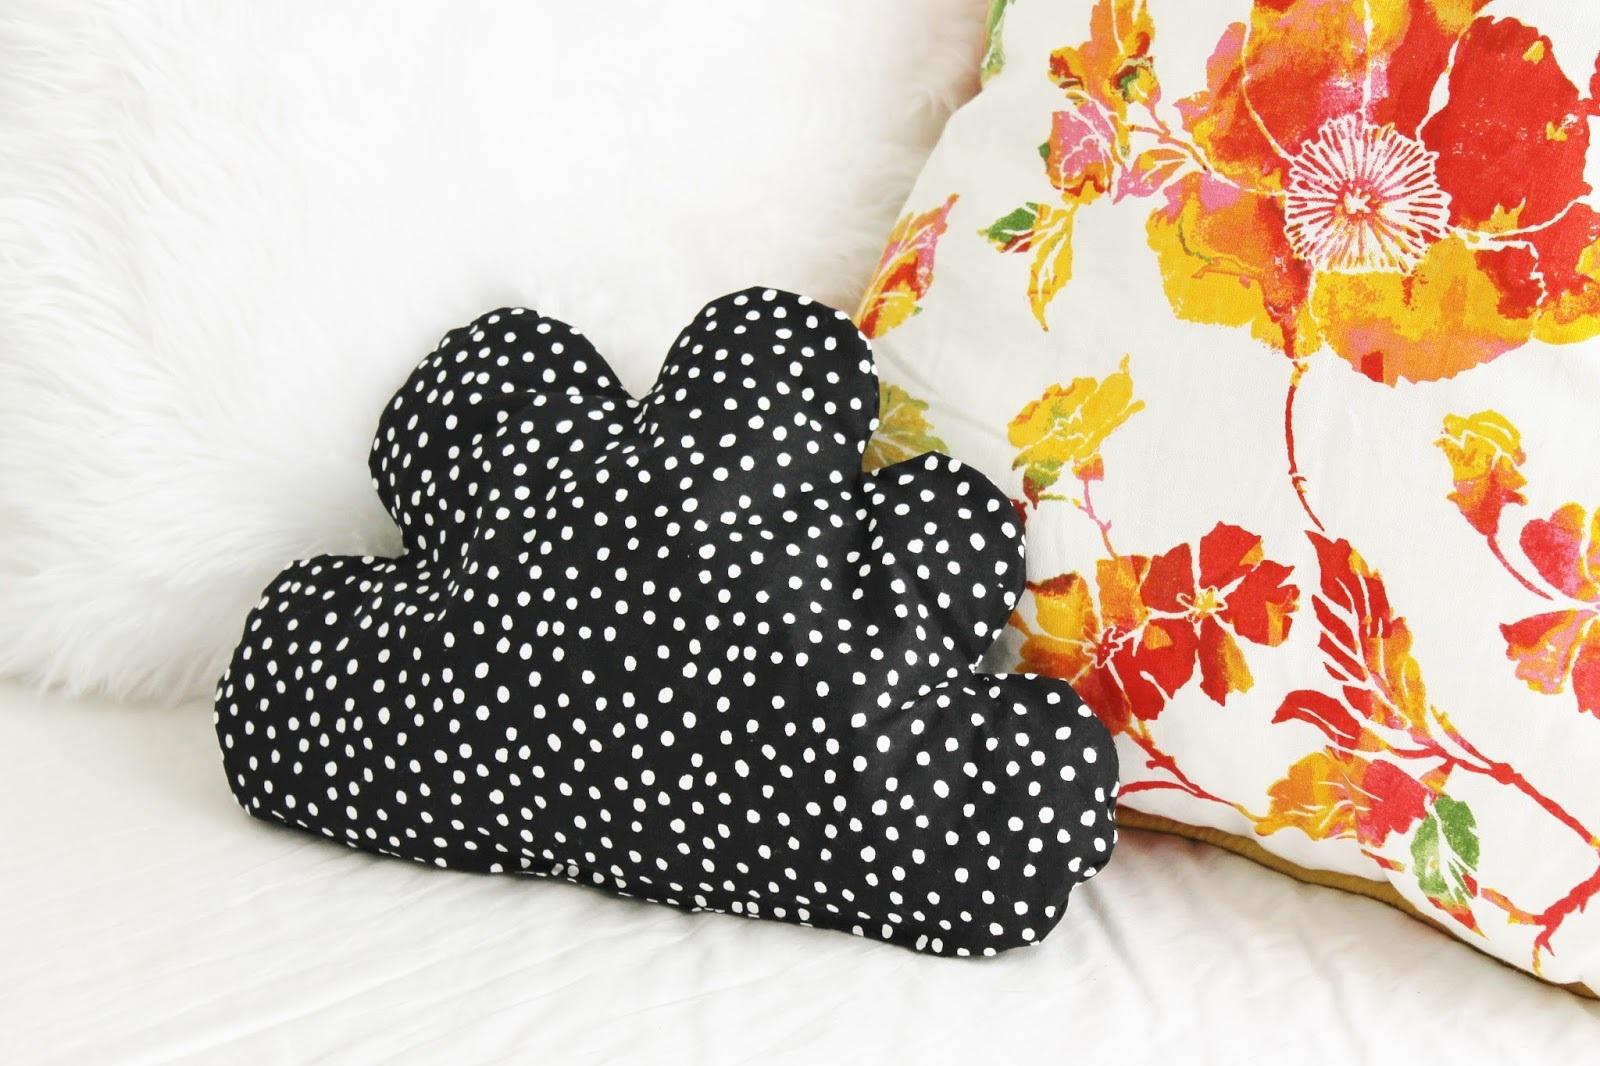 DIY Cloud Pillow